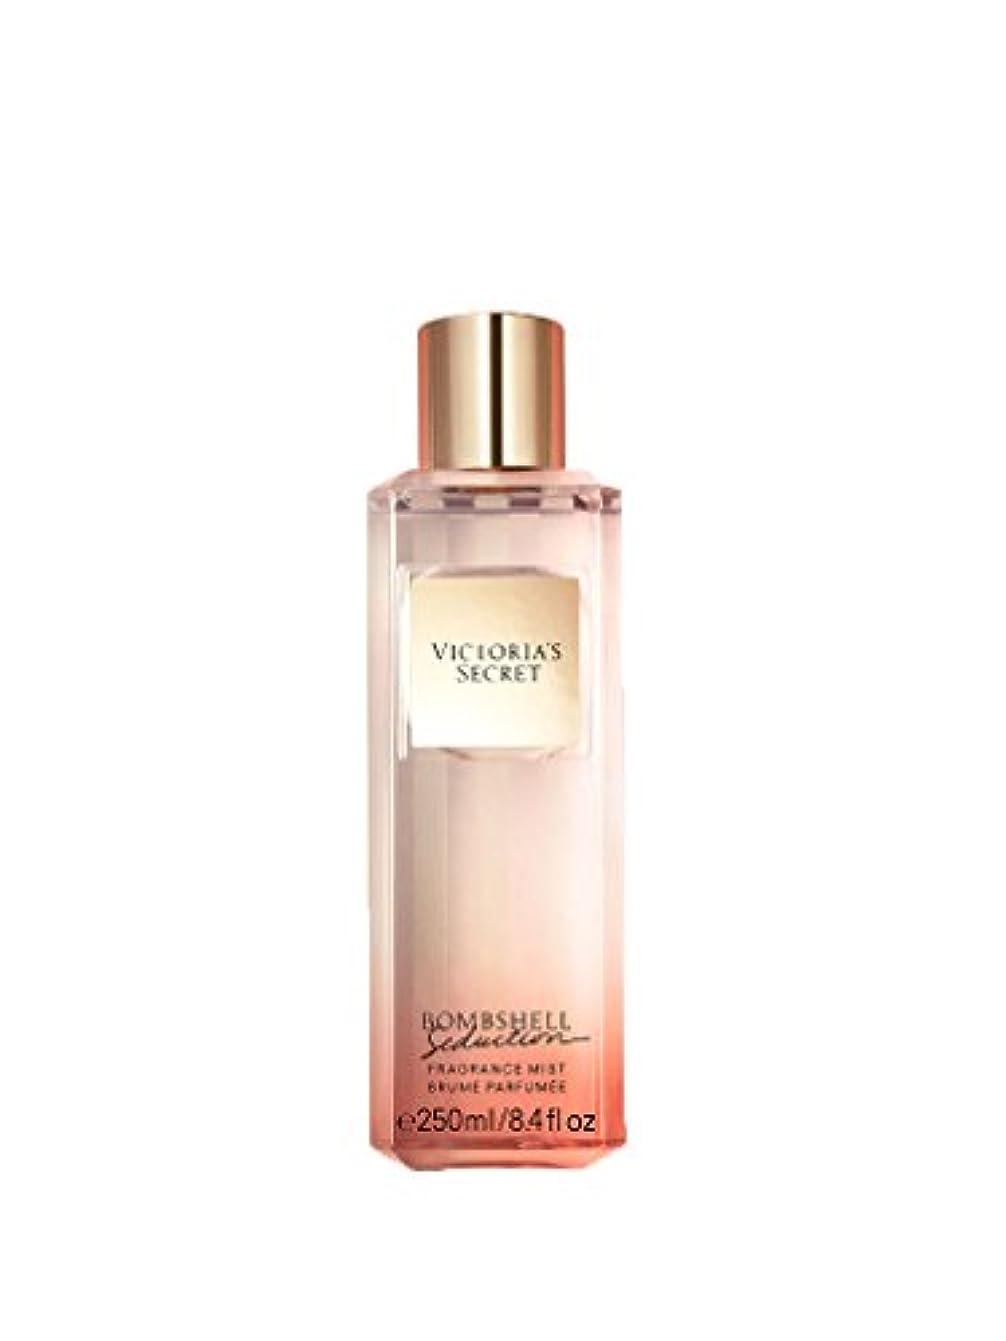 技術的なゴミ箱を空にする感嘆【並行輸入品】Victoria's Secret Bombshell Seduction Fragrance Mist ヴィクトリアズシークレットボムシェルセダクションミスト250 ml